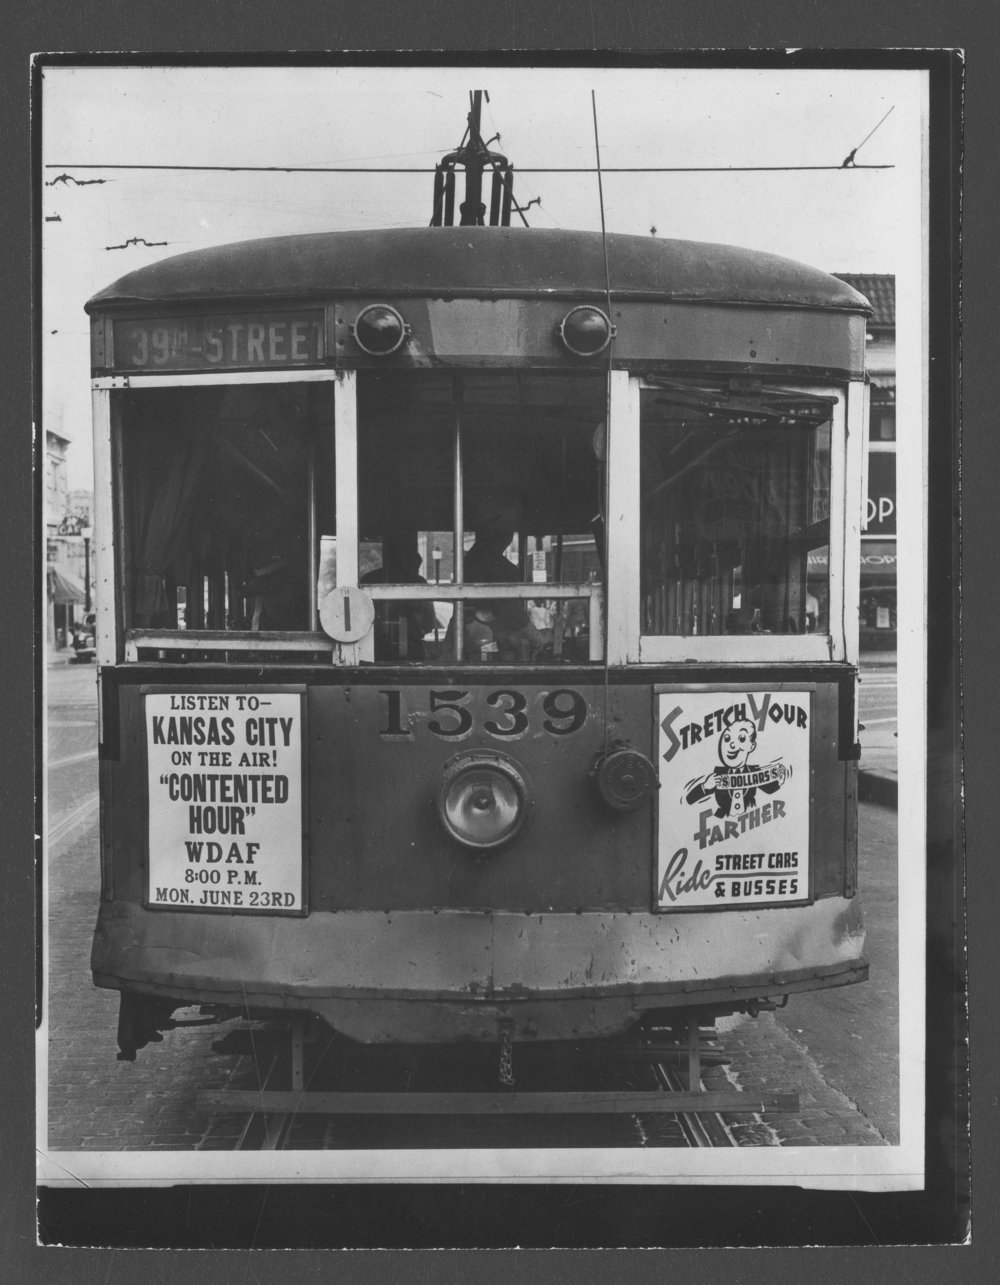 Streetcars in Kansas City, Kansas - 1